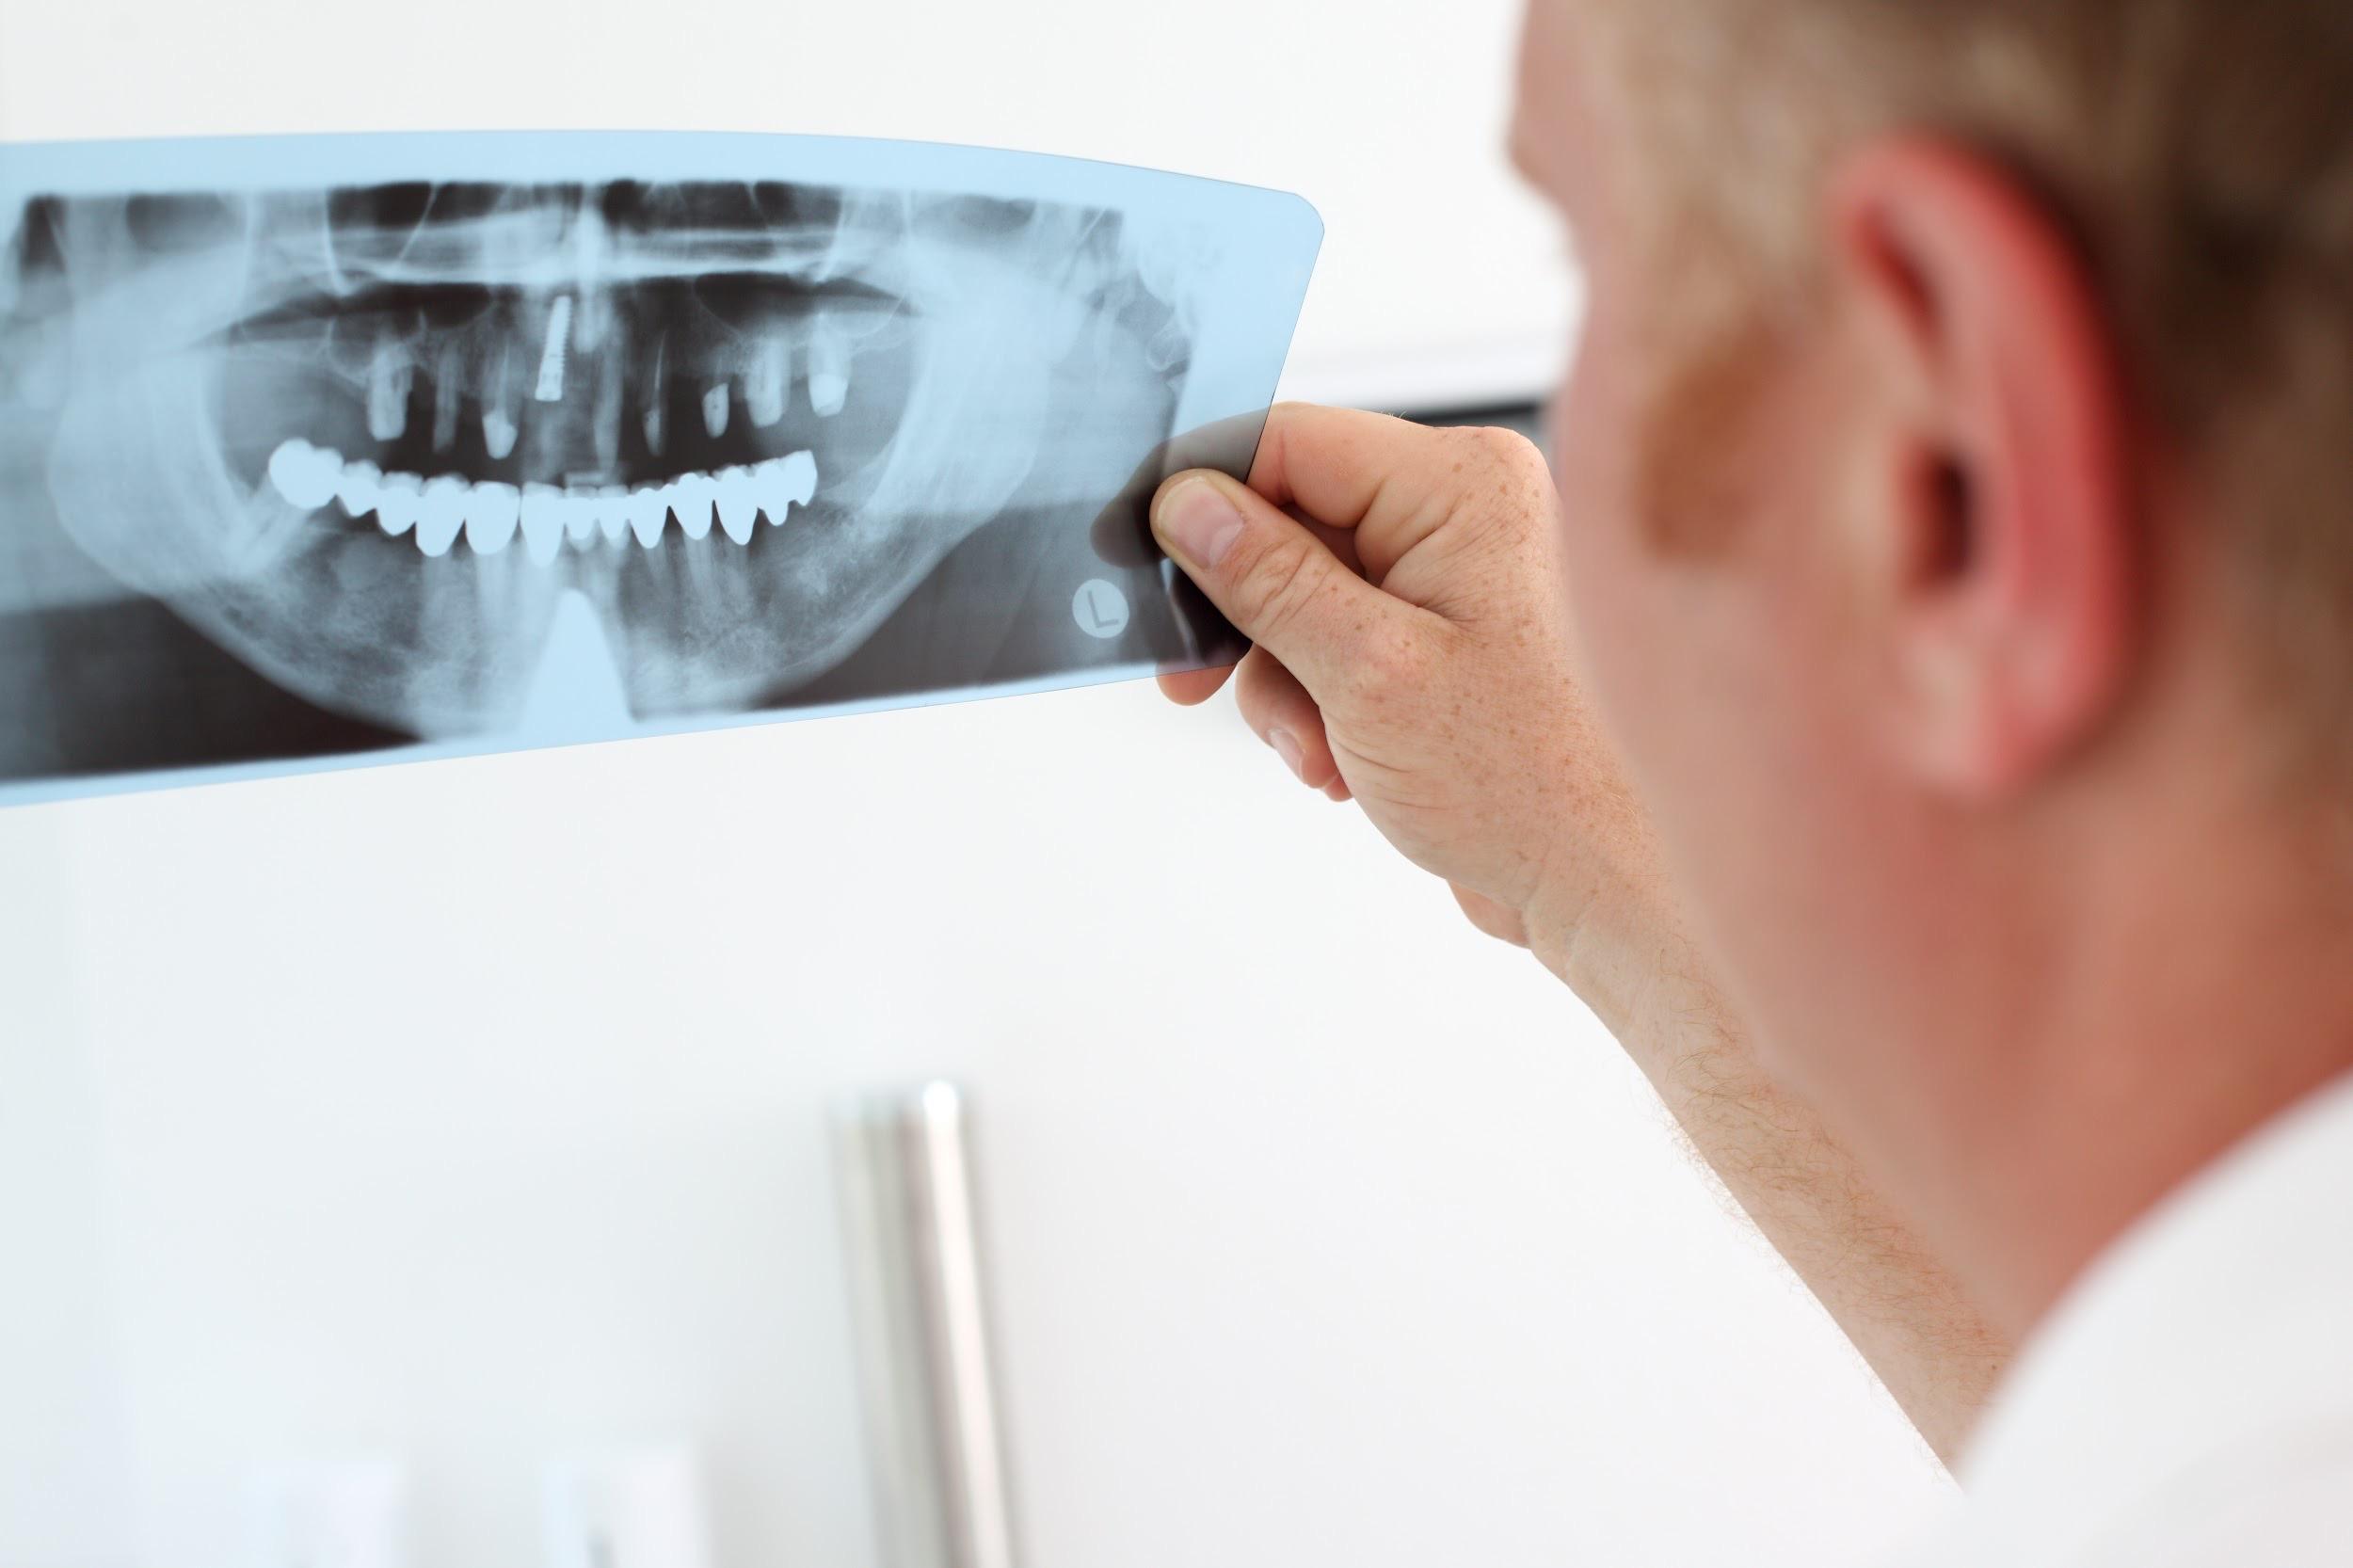 intervención de implantes dentales